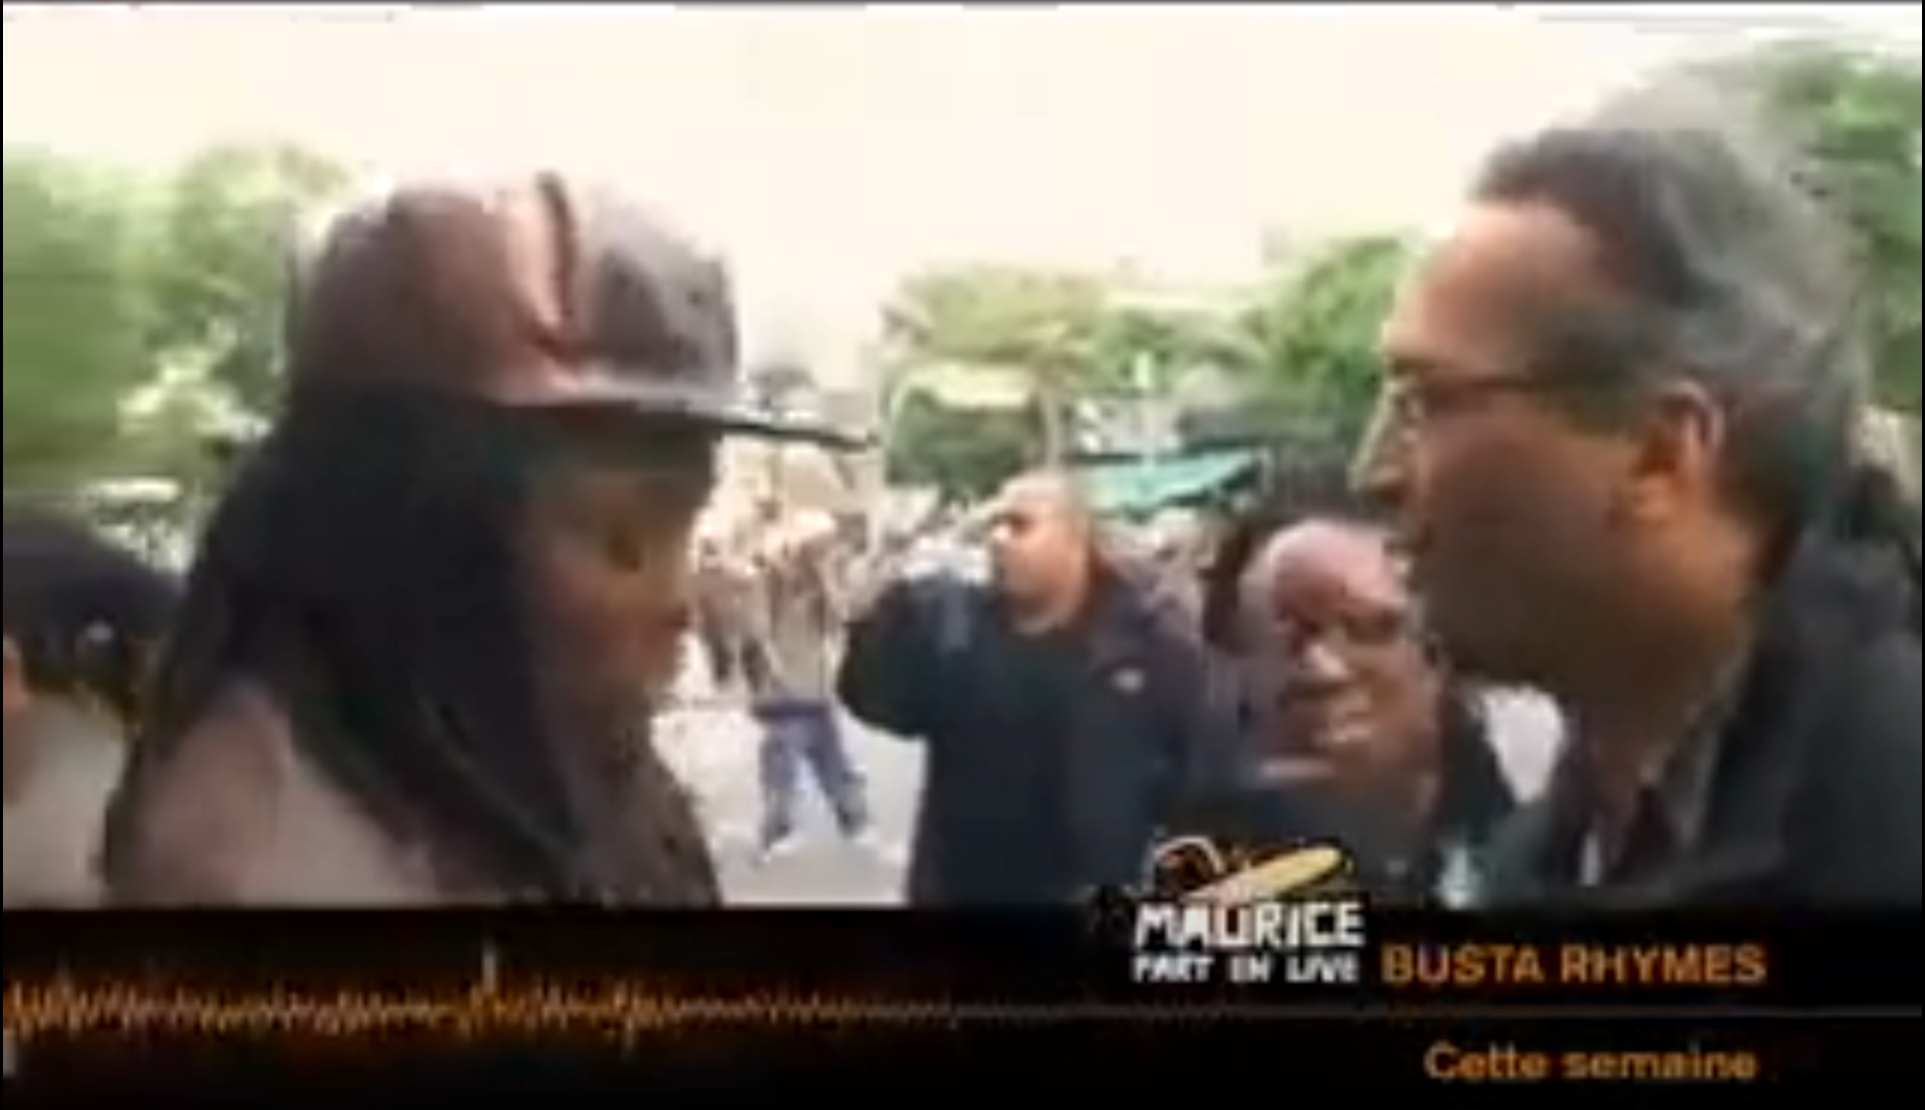 vignette Maurice part en live au concert de Busta Rhymes